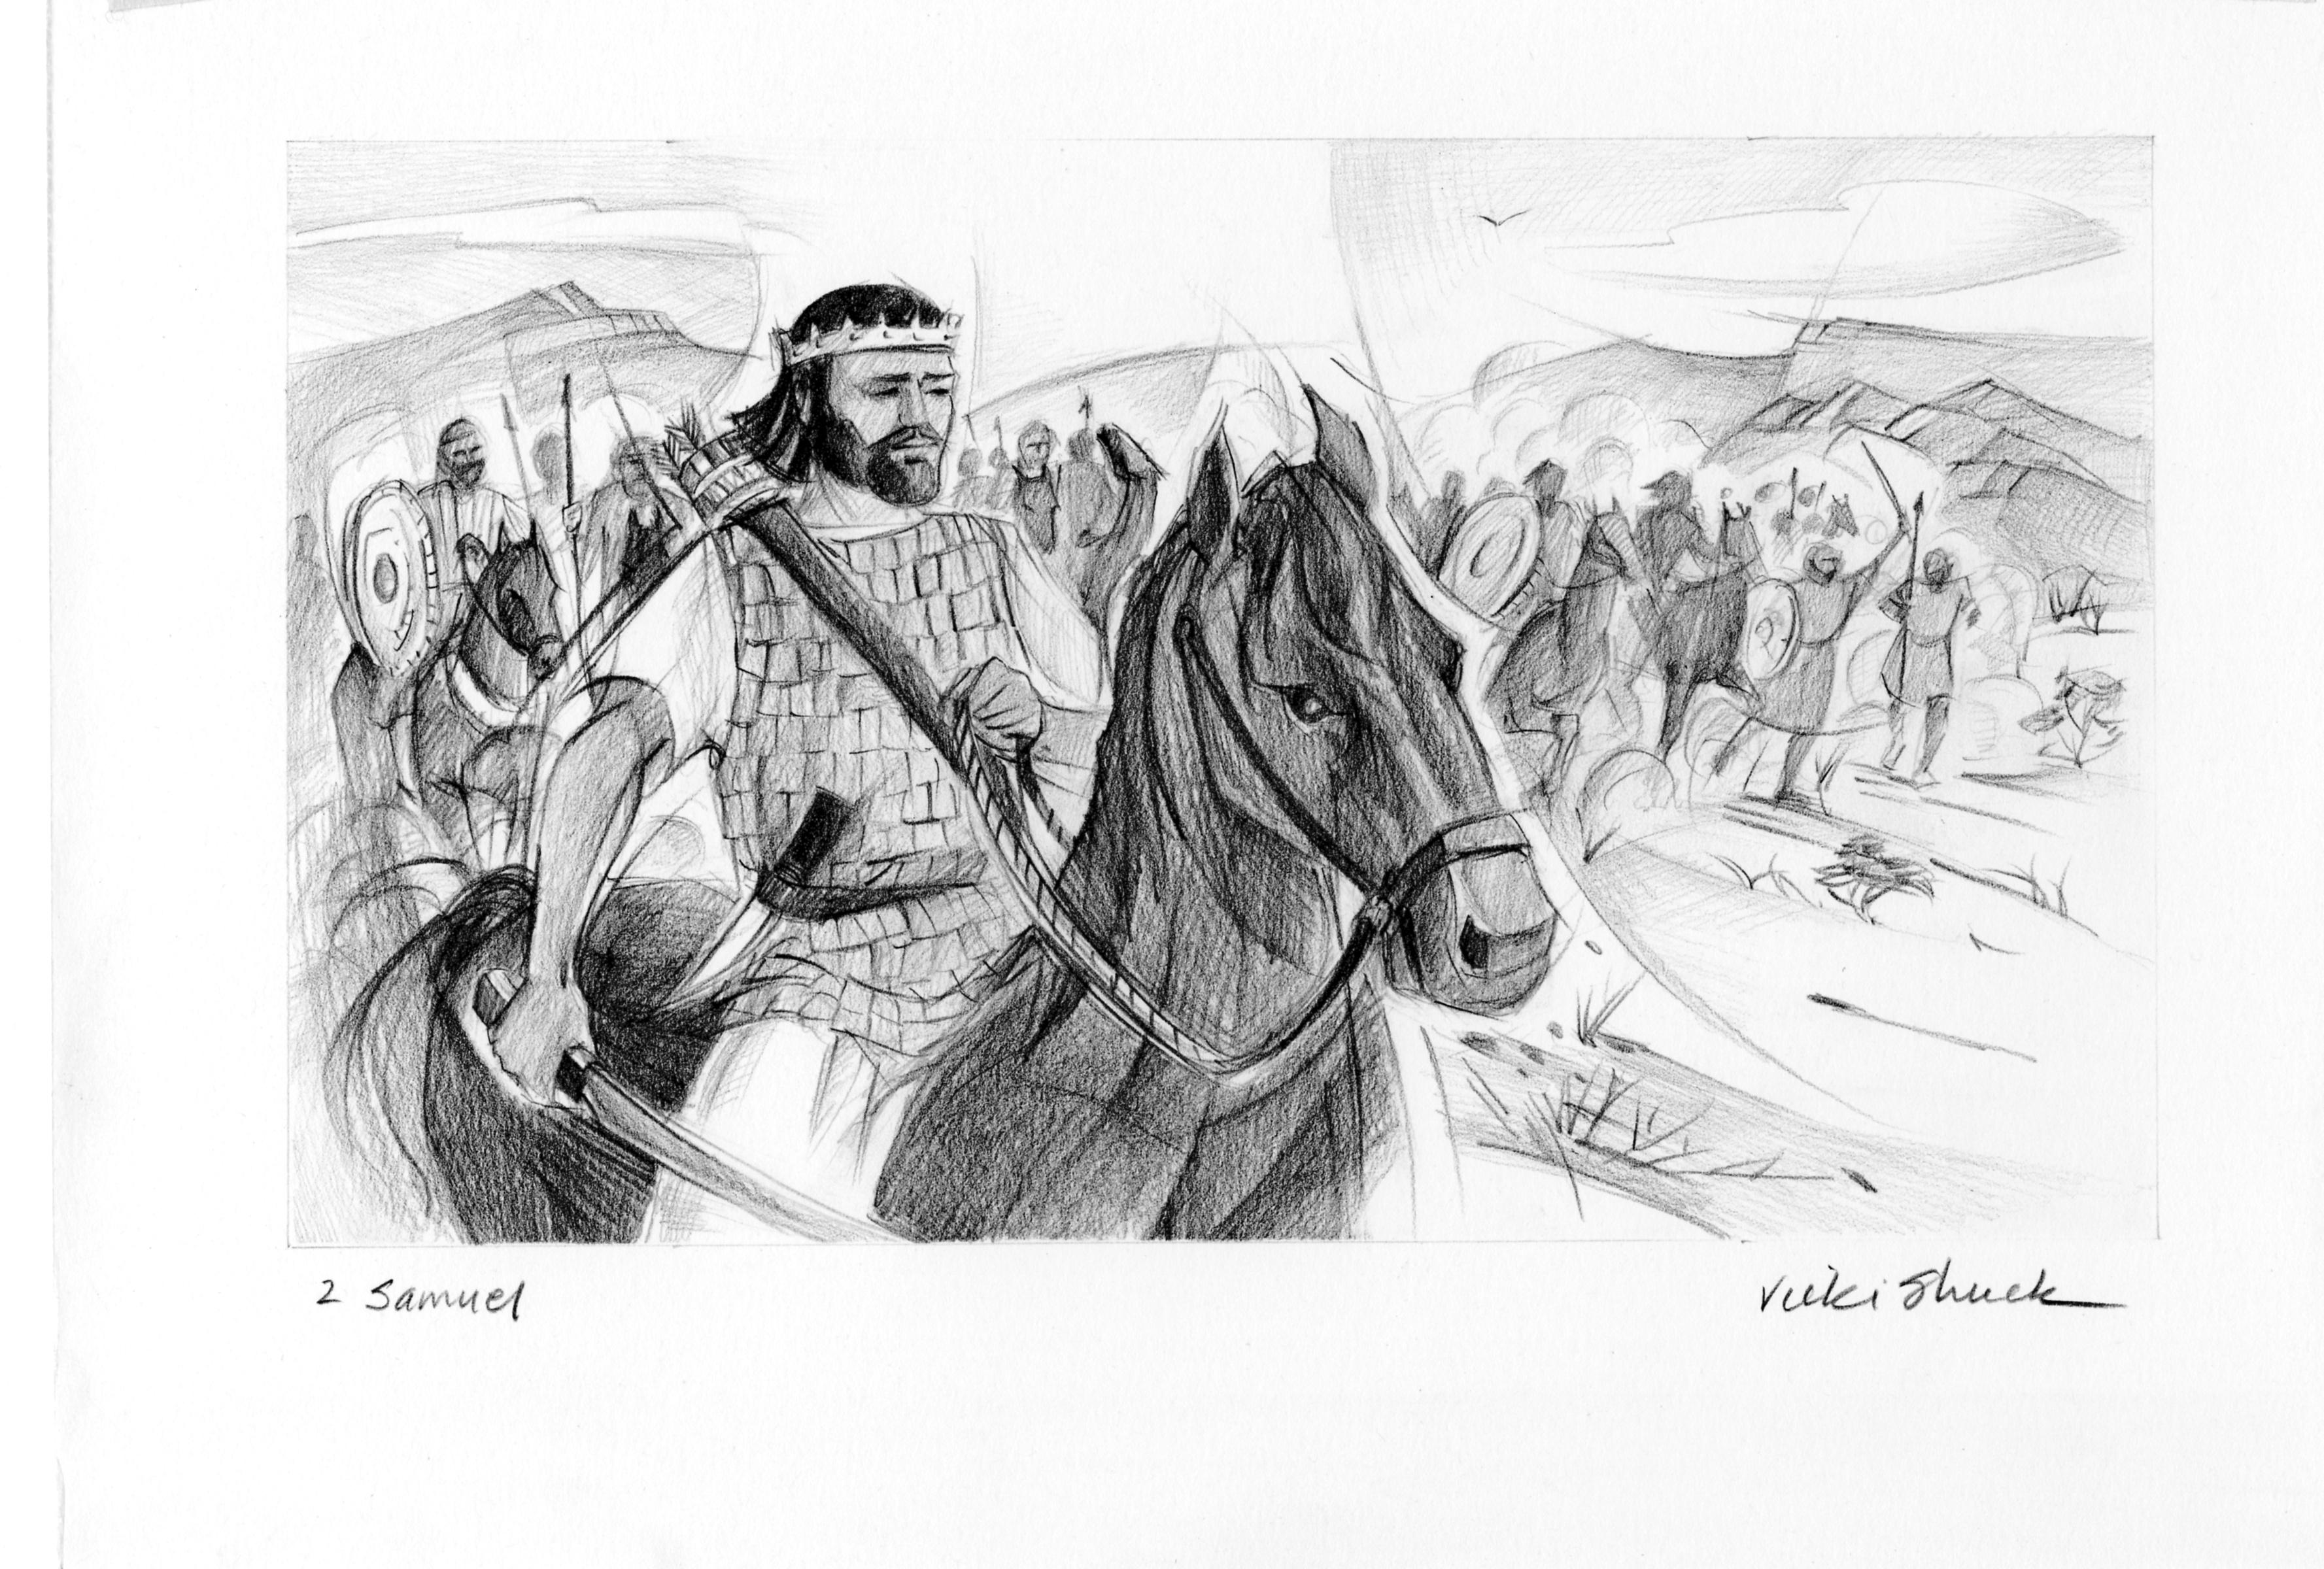 2 Samuel Illustration